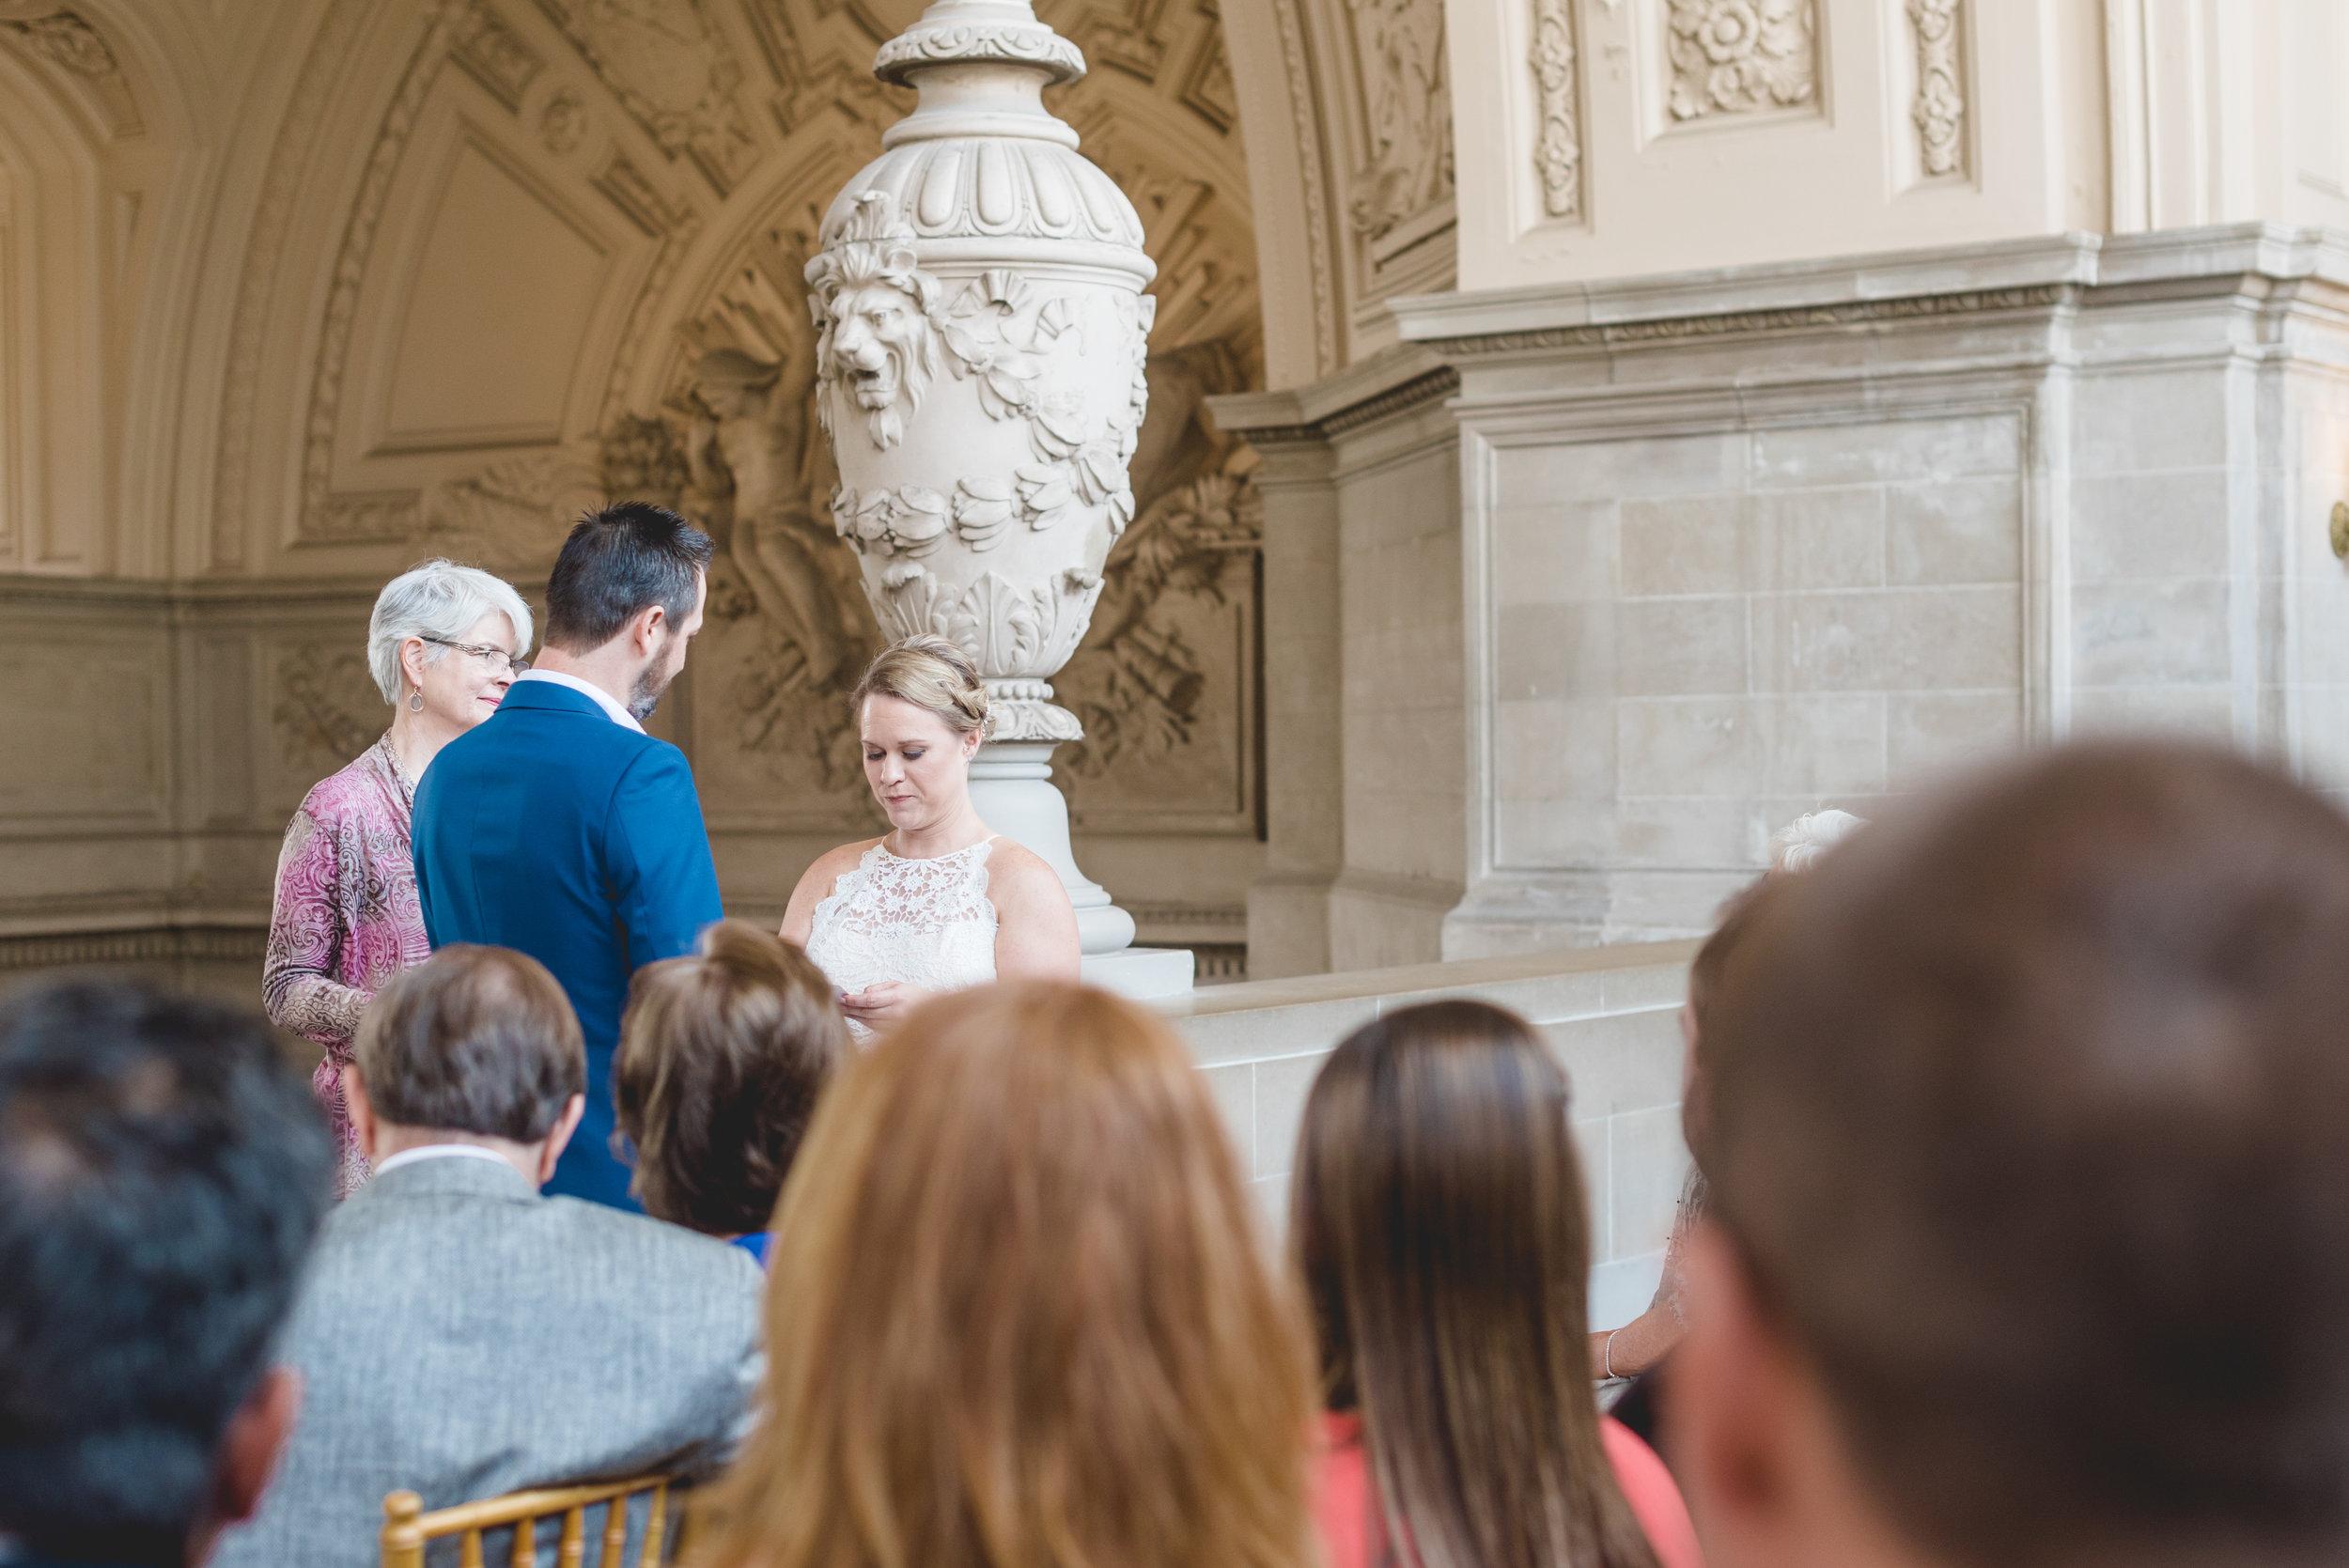 mcdaniels_conroy-wedding-ceremony-85.jpg